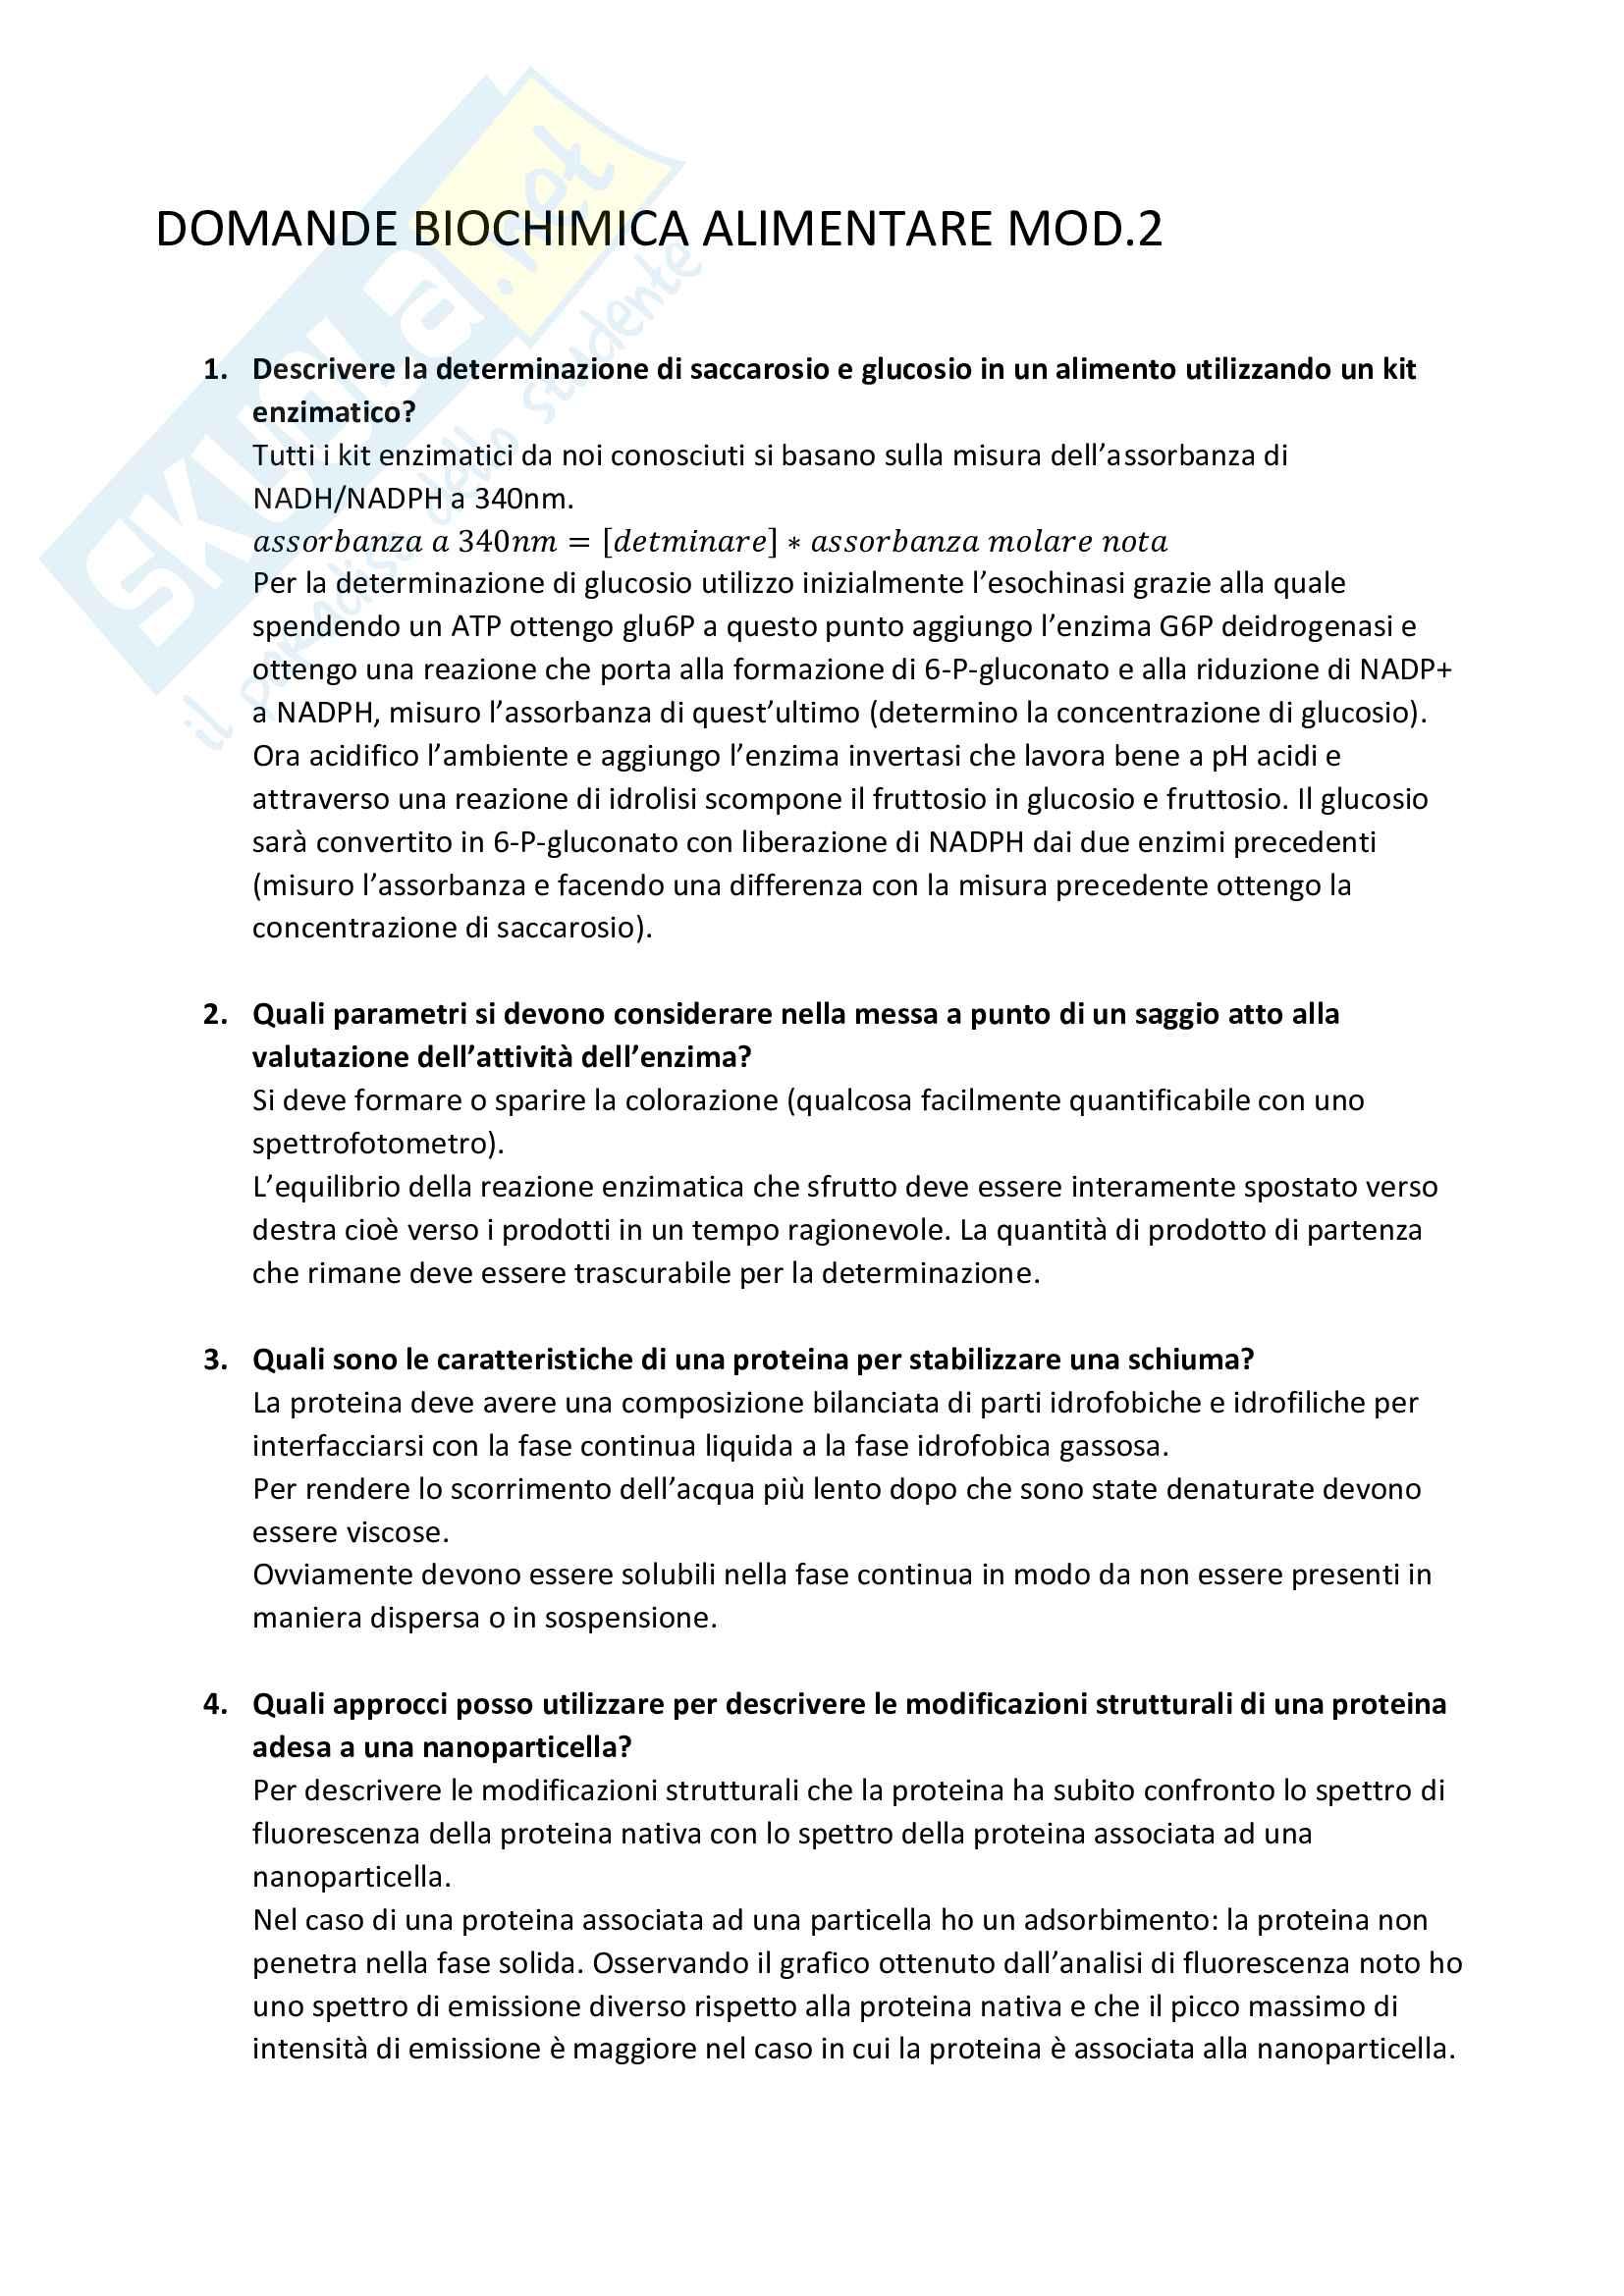 Domande e risposte esame biochimica alimentare - Prof. Iametti